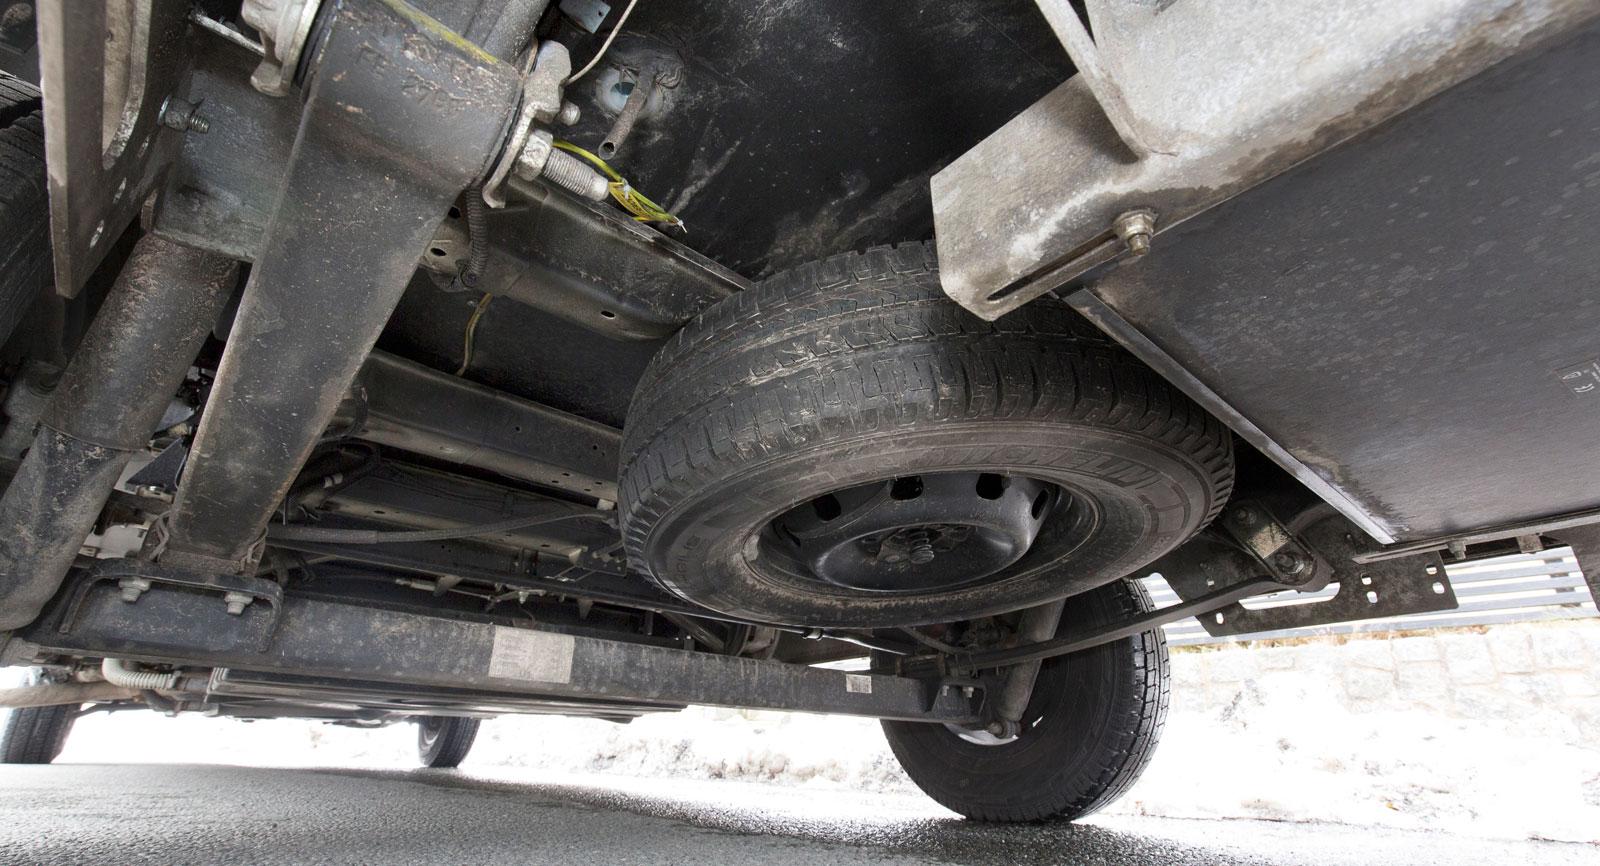 Reservhjul under bilen.